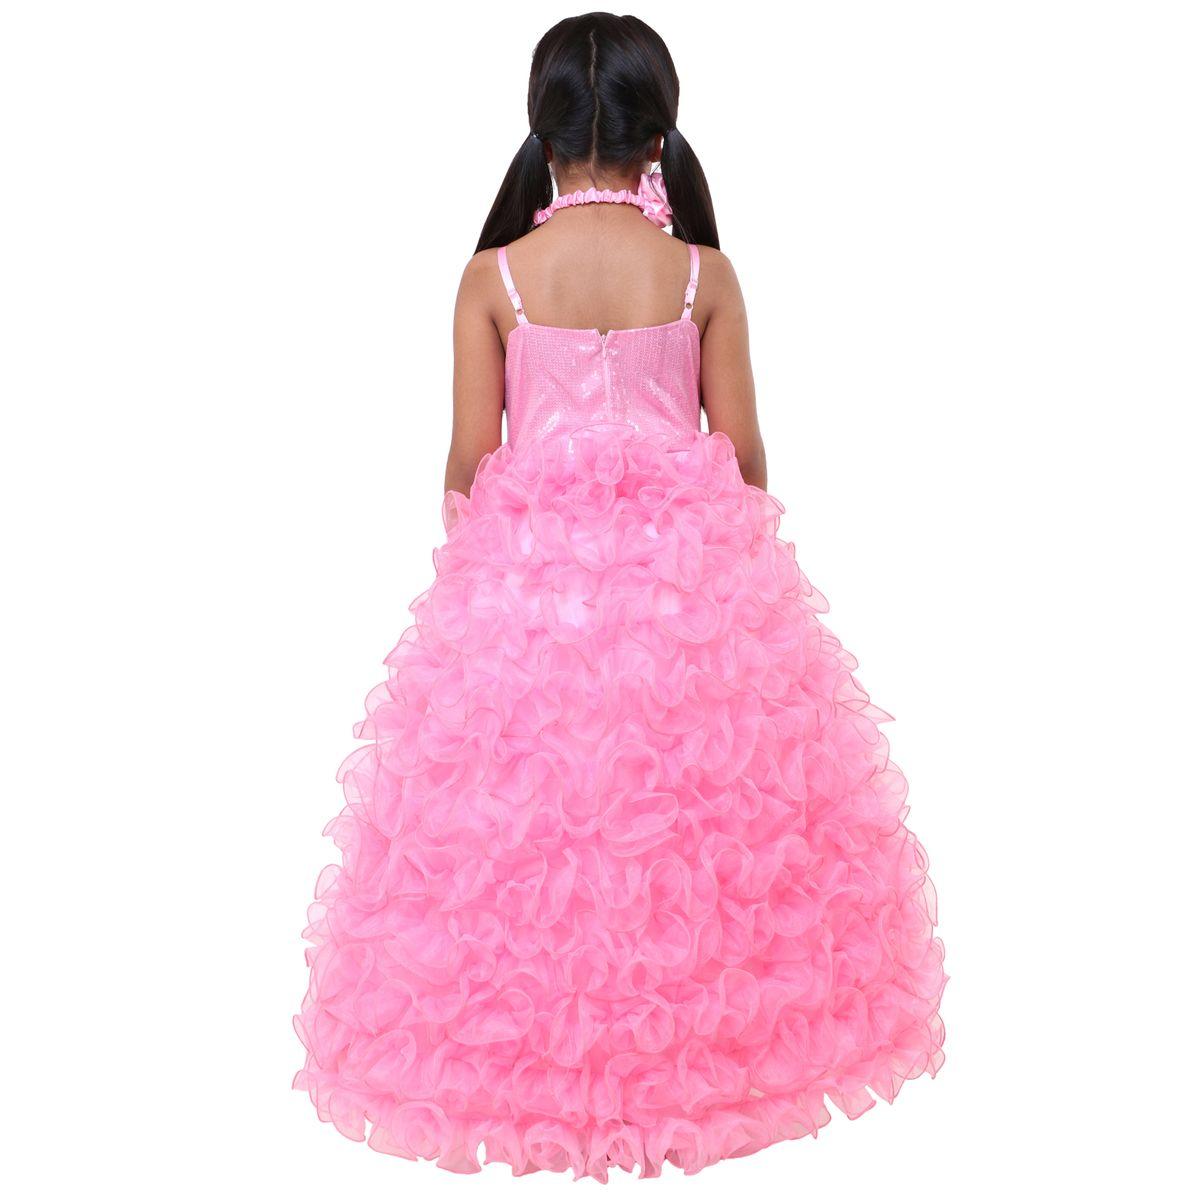 Dorable Vestidos De Novia En Bhs Cresta - Colección de Vestidos de ...